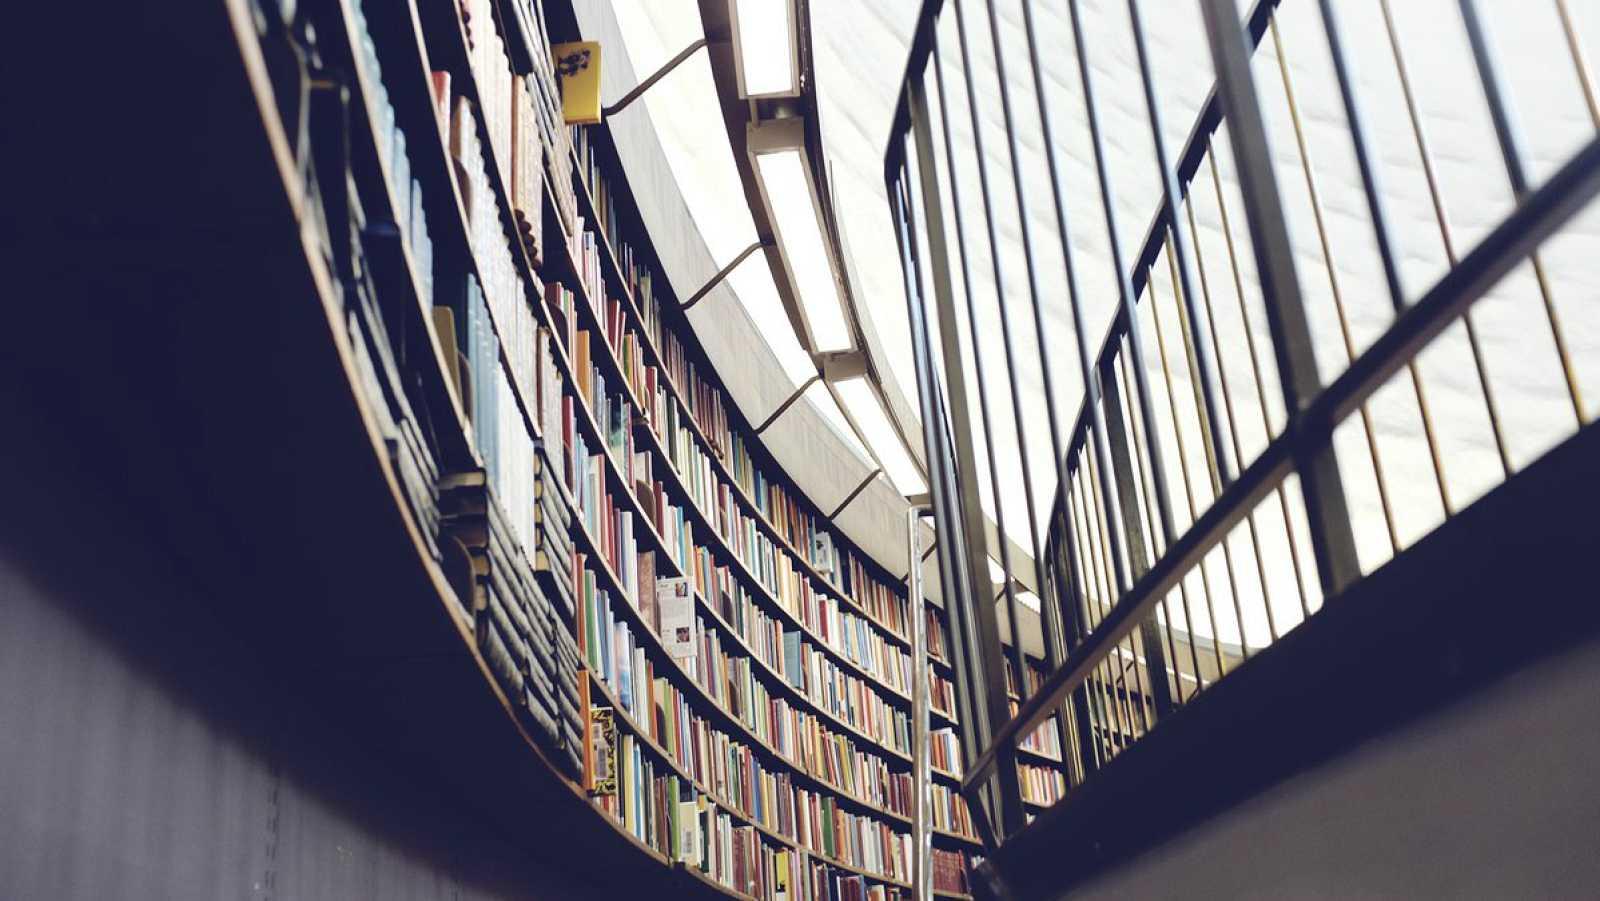 Temas de música - Música medieval en las bibliotecas de hoy: Bayerische Staatsbibliothek de Munich - 21/05/17 - escuchar ahora